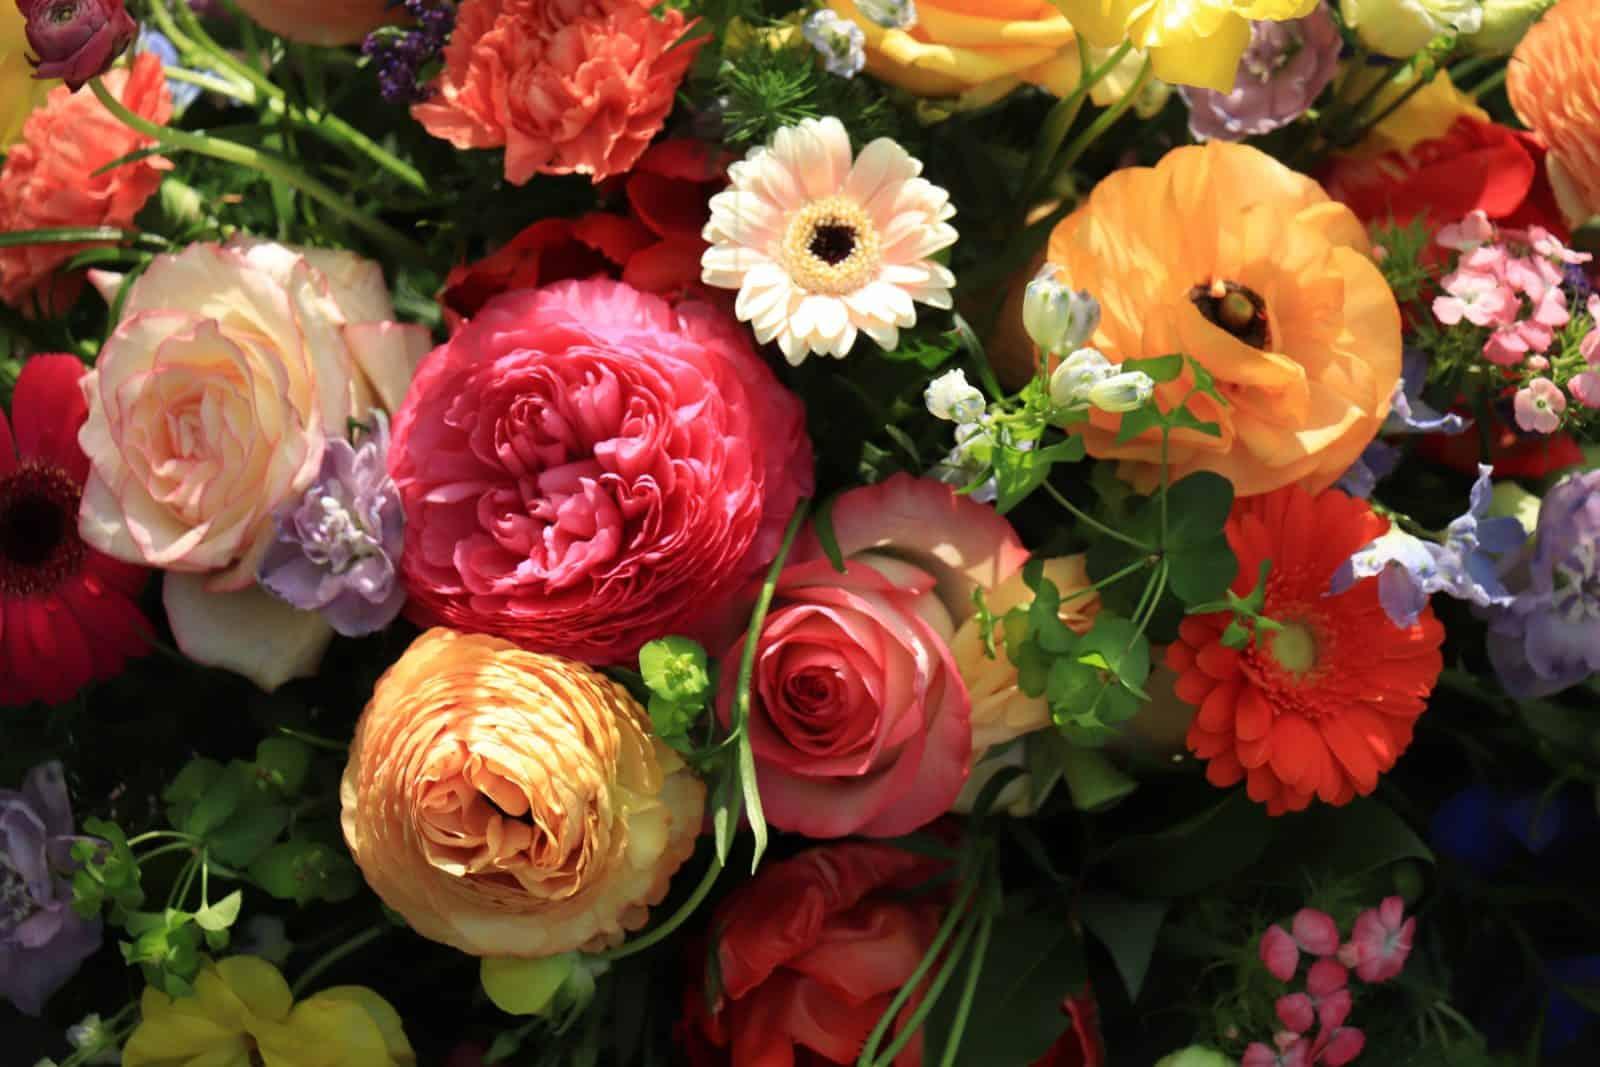 Värikäs kukkakimppu